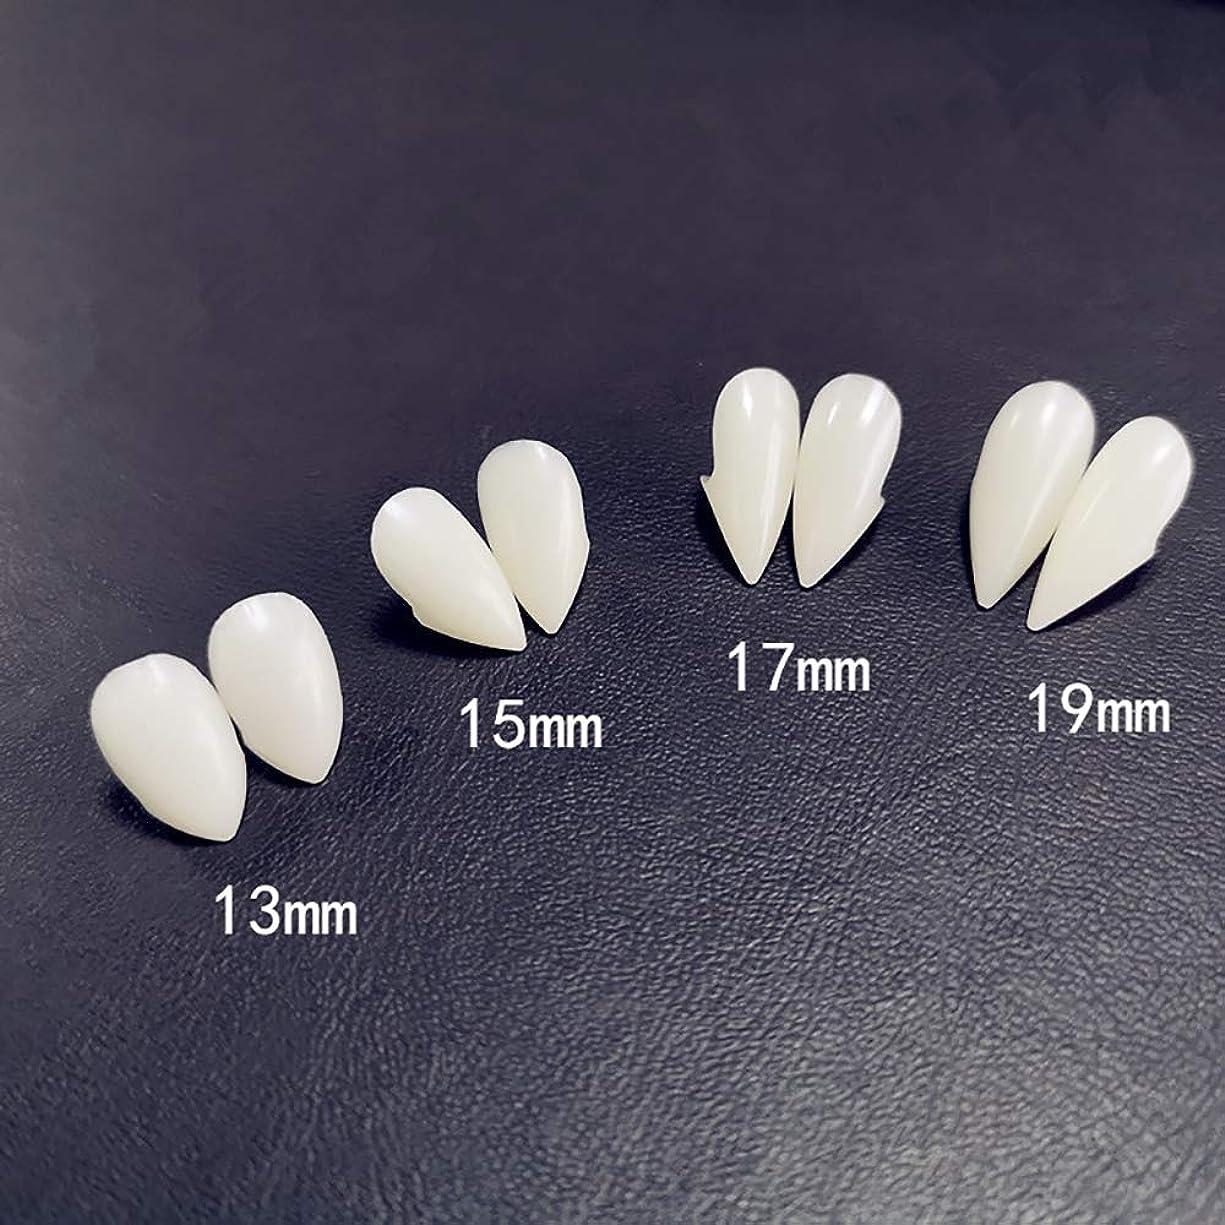 休憩するブローバンガロー4サイズ義歯歯牙牙義歯小道具ハロウィンコスチューム小道具パーティーの好意休日diy装飾ホラー大人のための子供-6ペア,19mm